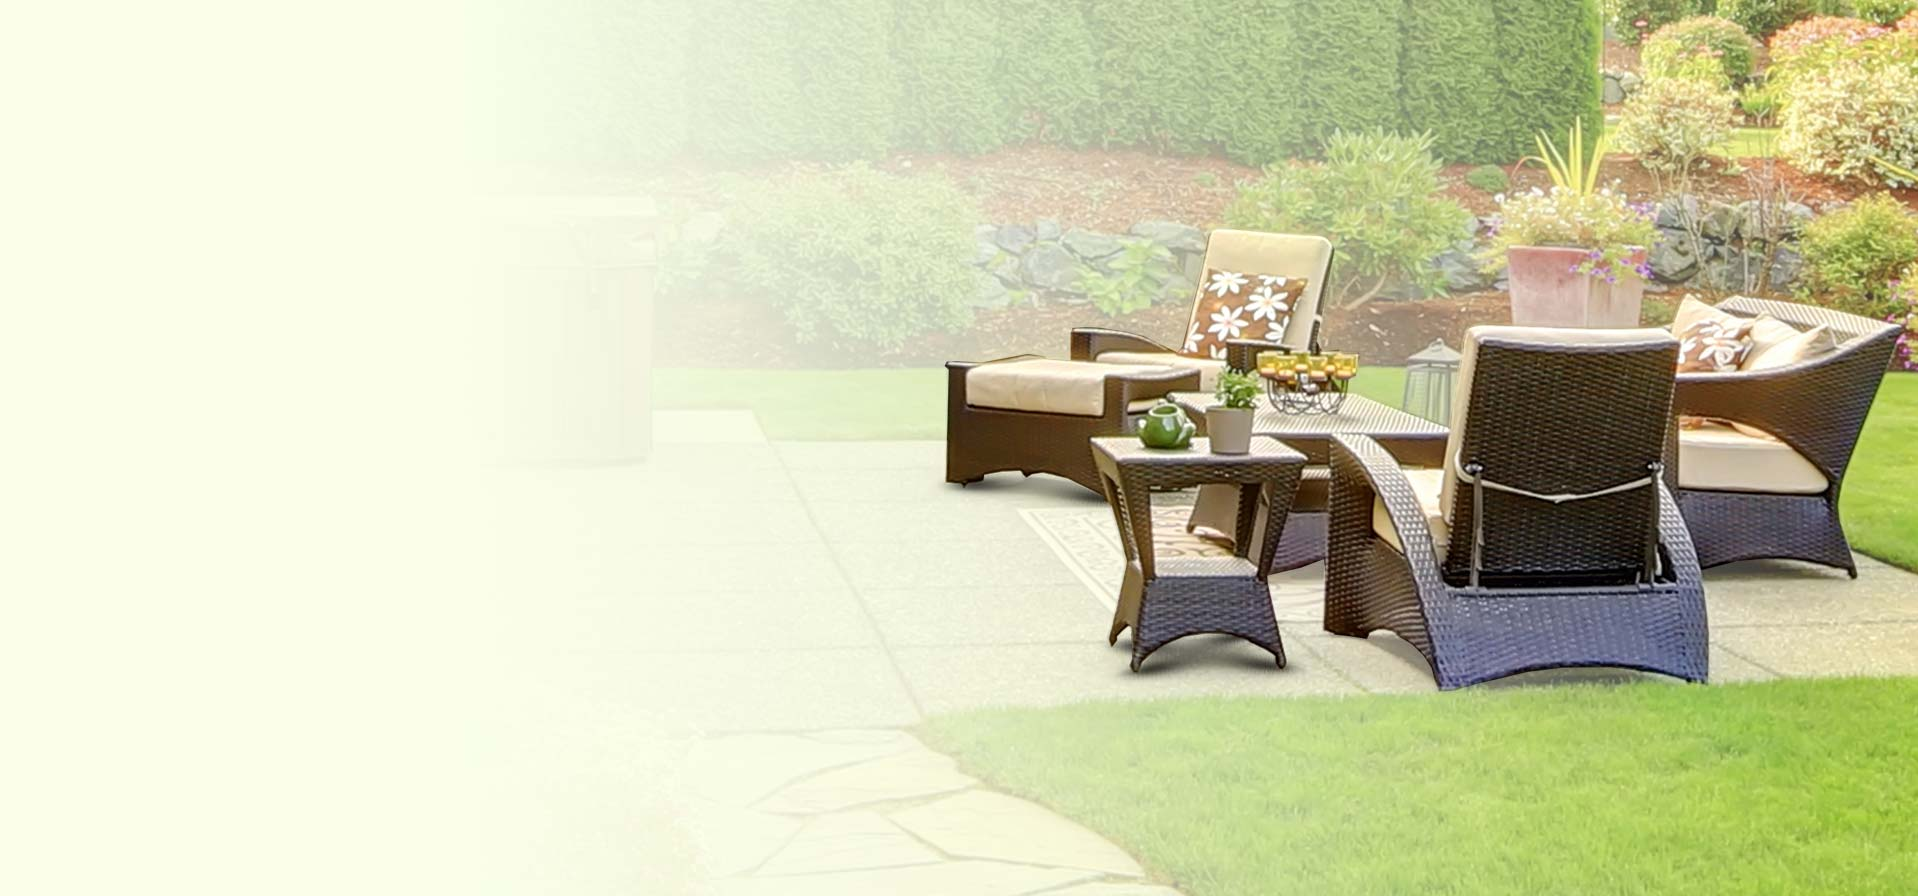 Patio Furniture Outdoor Garden Balcony Furniture Best Buy Canada